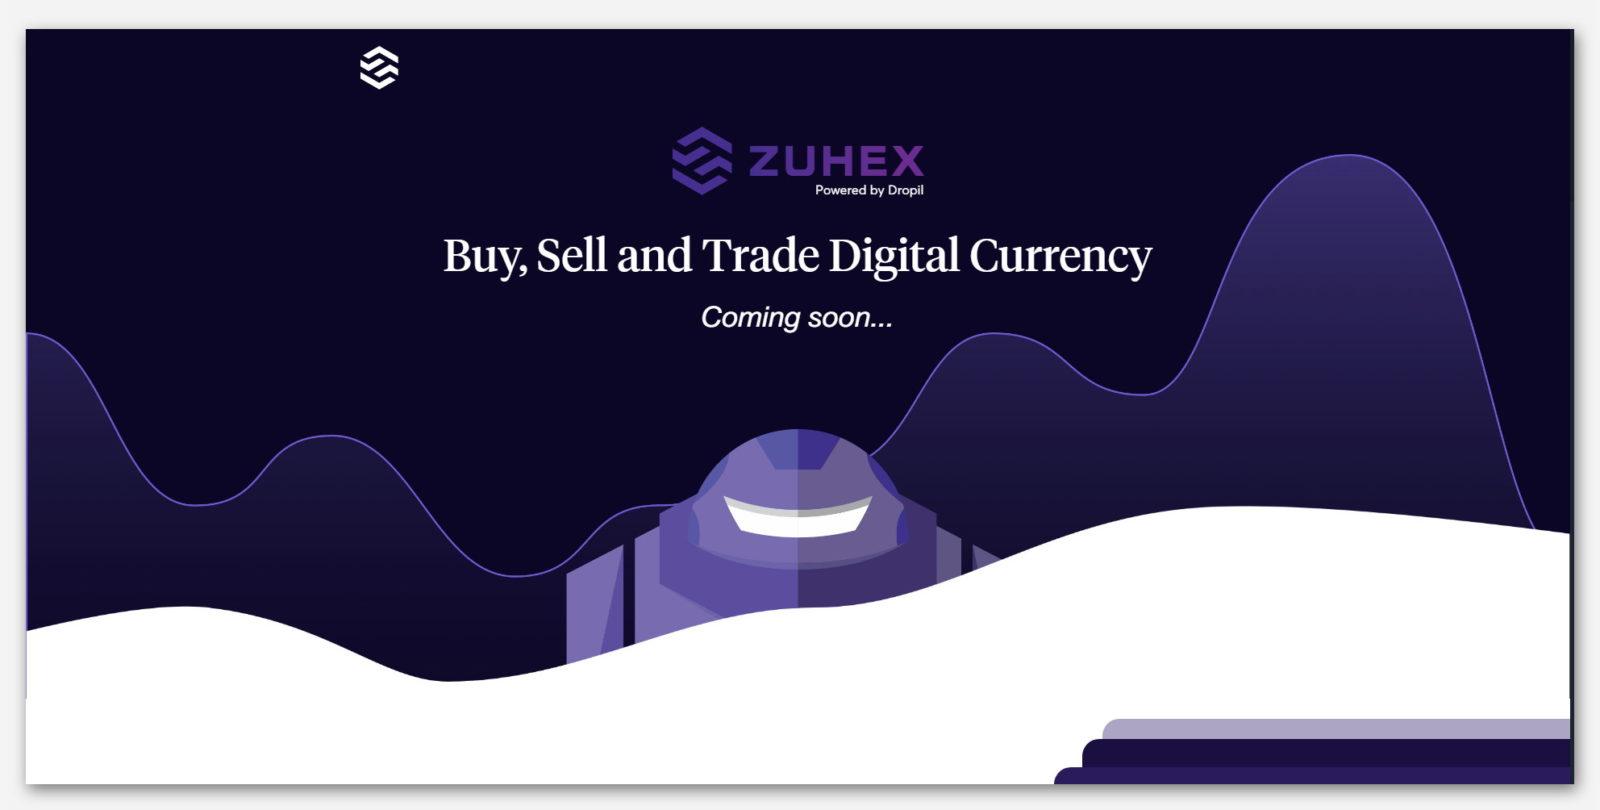 Криптовалютная биржа Zuhex, от проекта Dropil